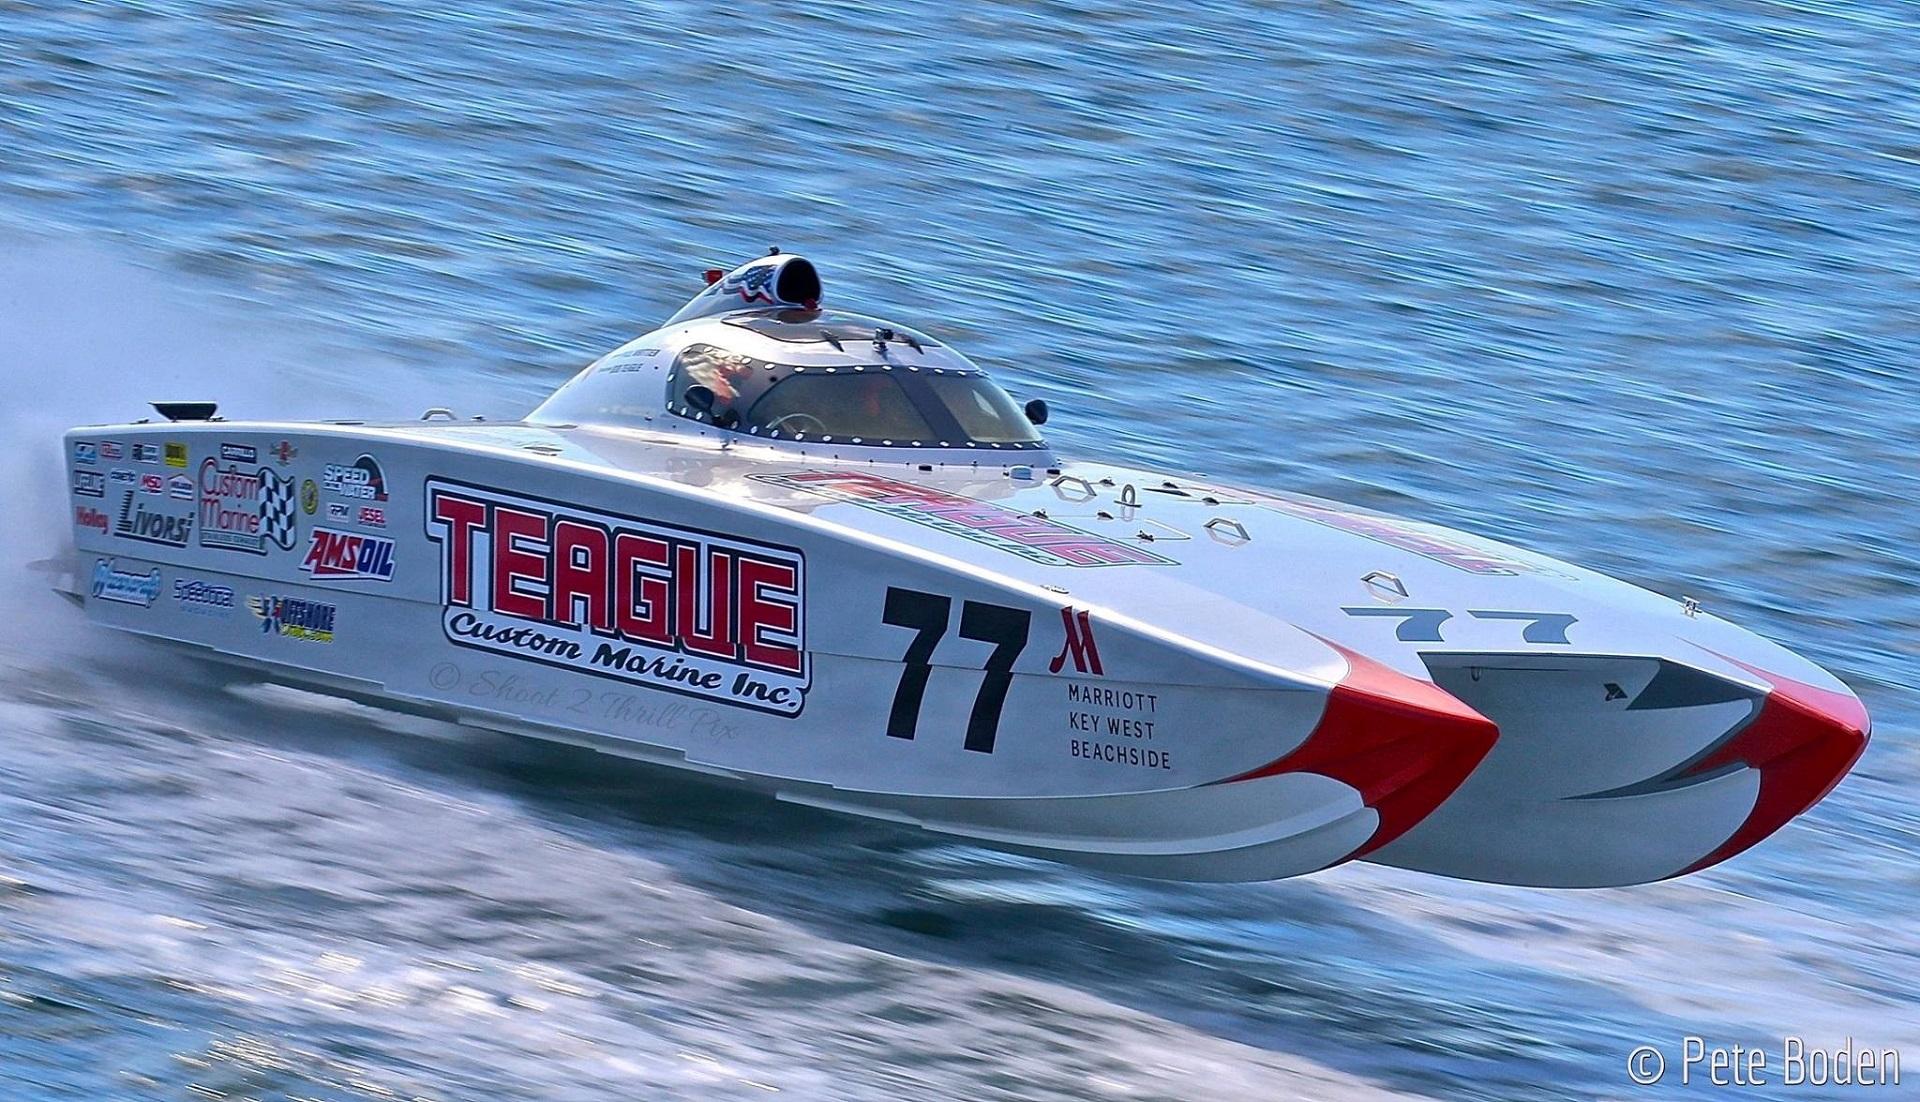 359d980b8d26e Teague Custom Marine